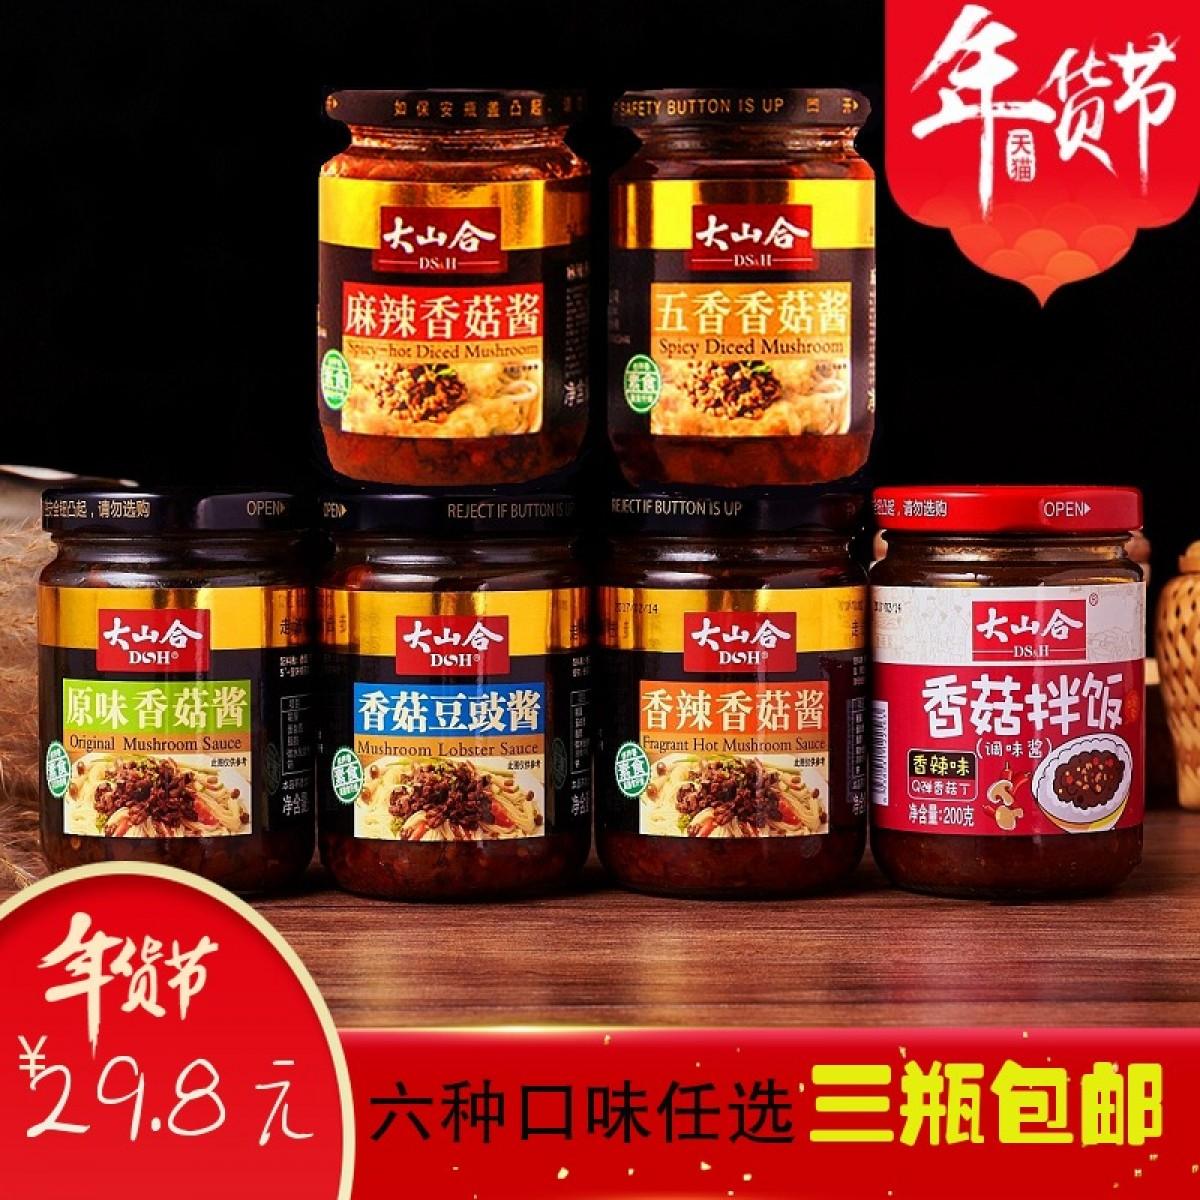 大山合香菇酱香辣麻辣 拌面拌饭辣椒酱菌菇蘑菇酱210g×3瓶 包邮